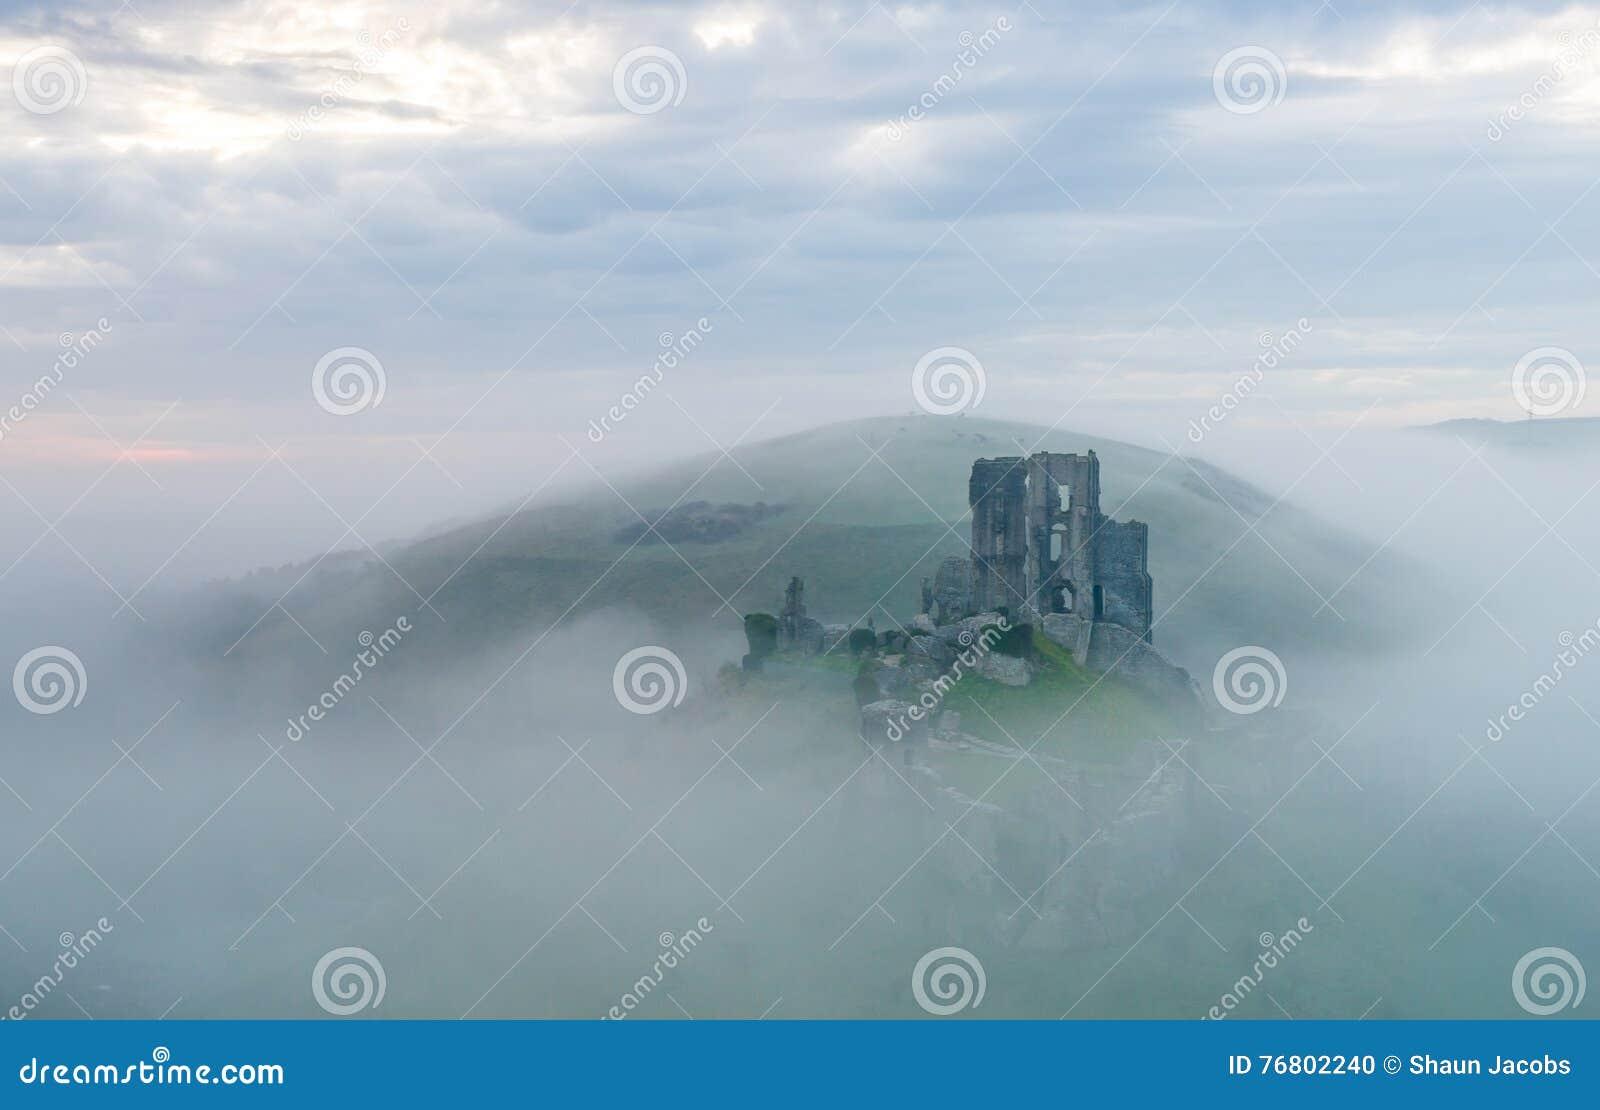 Corfe slott på en dimmig morgon